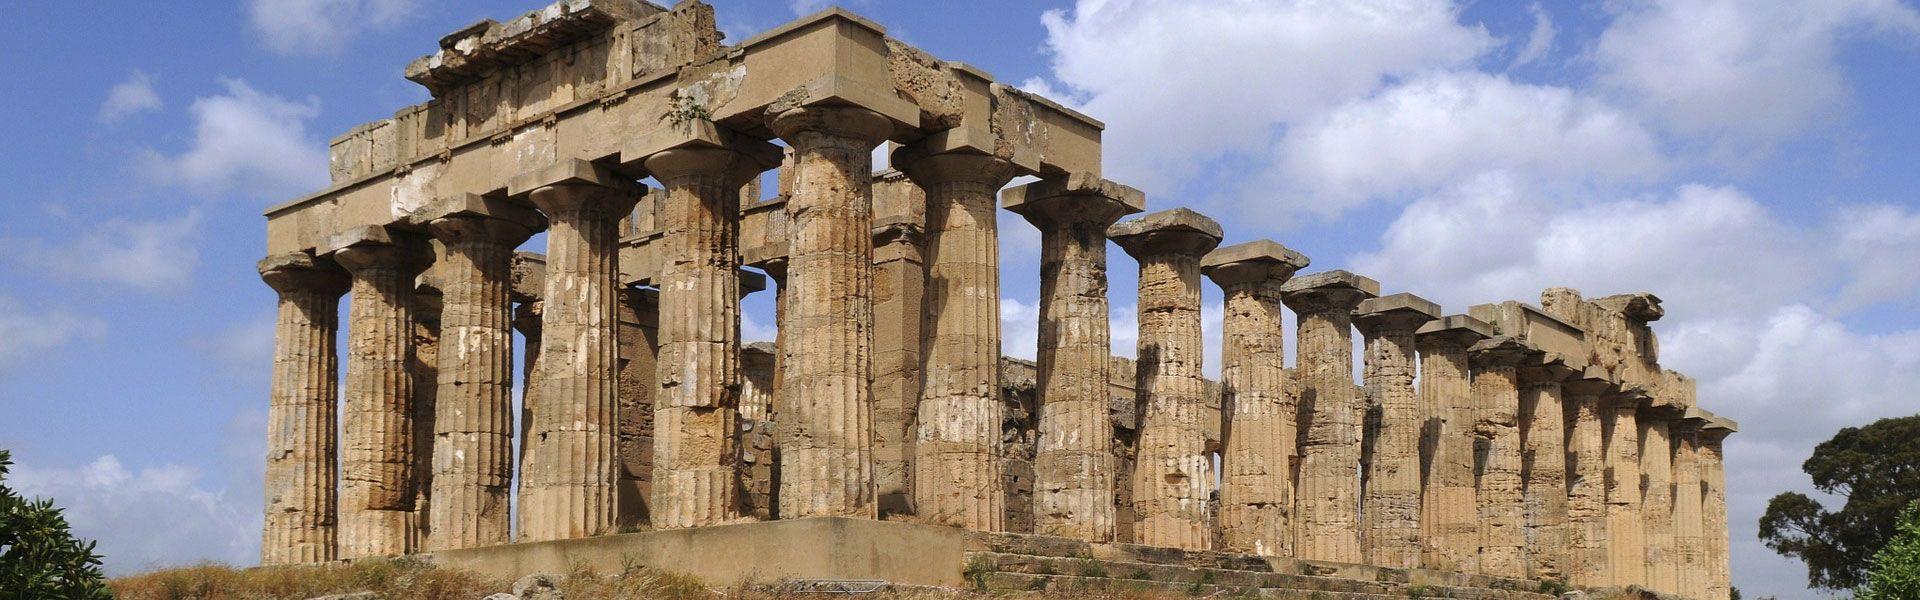 Viaggio in Sicilia, cuore del Mediterraneo